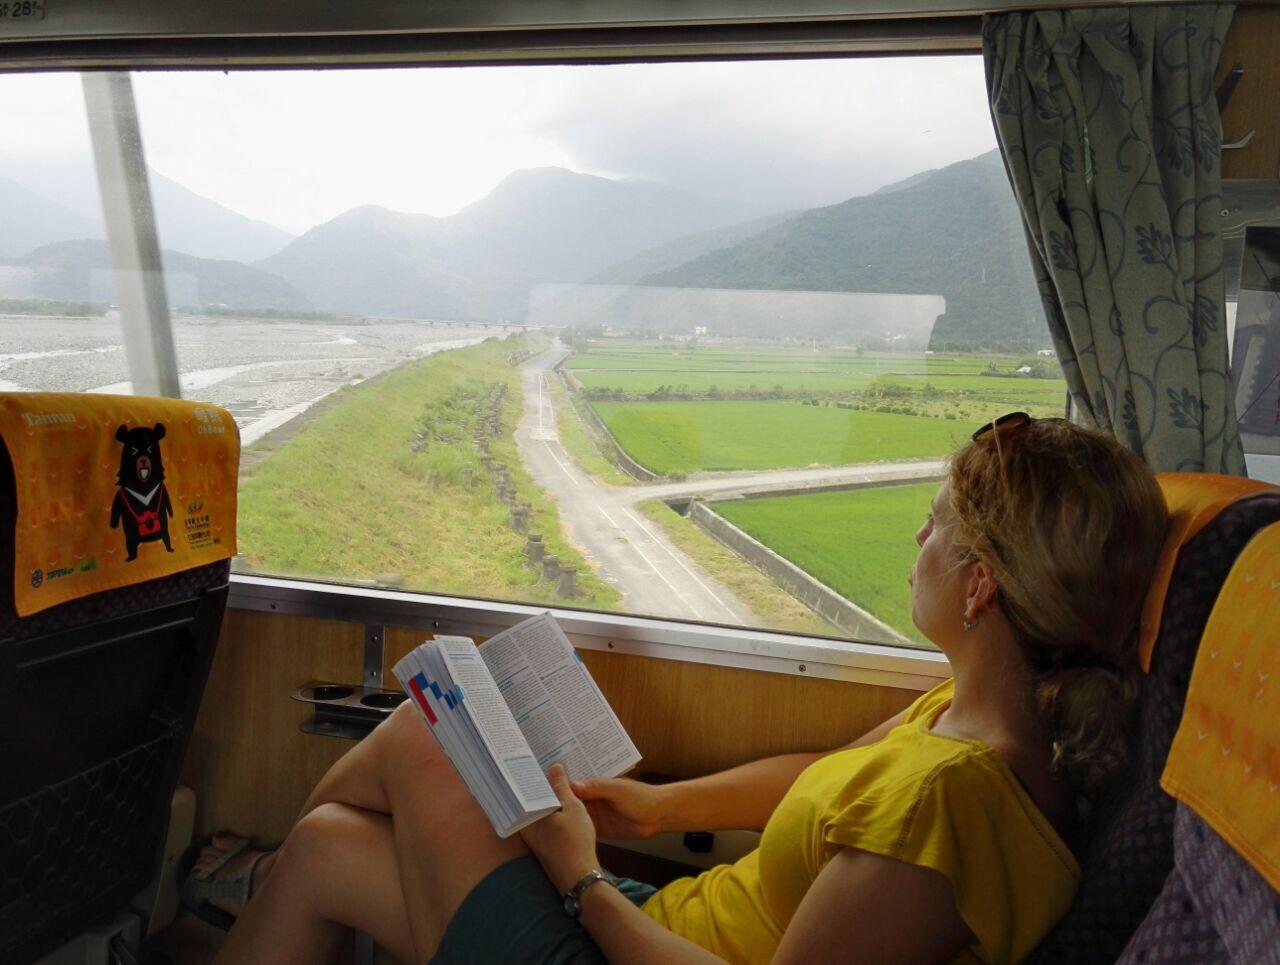 Jedna vzpomínková z Taiwanu - na spontánním výletě totiž s sebou nemáme mobily, a tak nemáme fotky